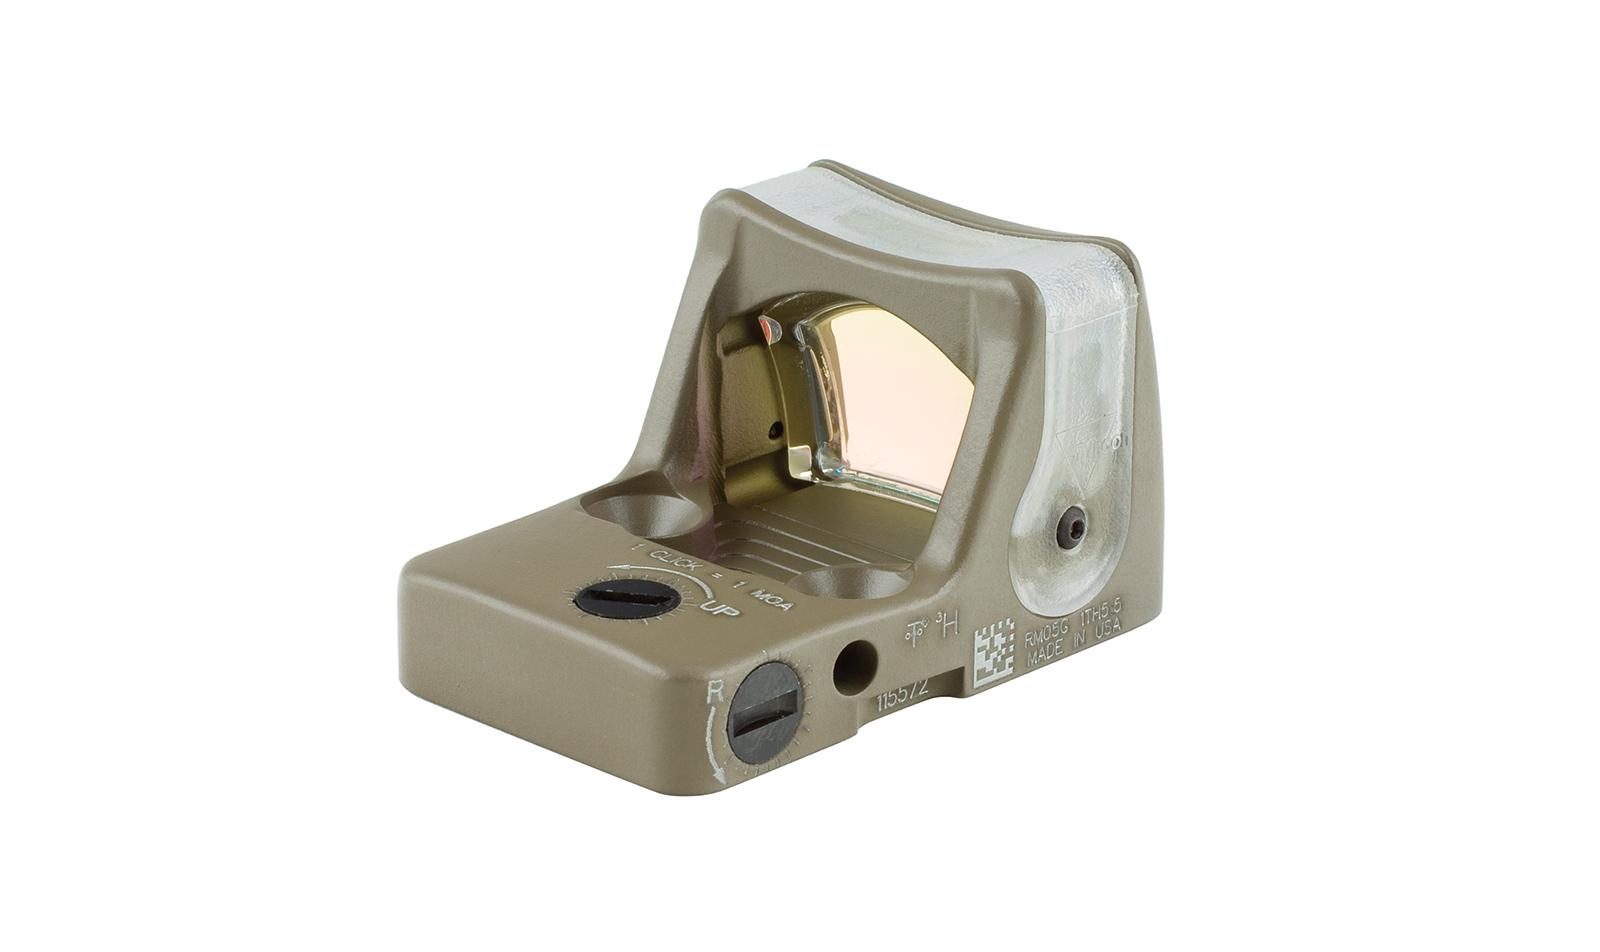 RM08-C-700282 angle 5